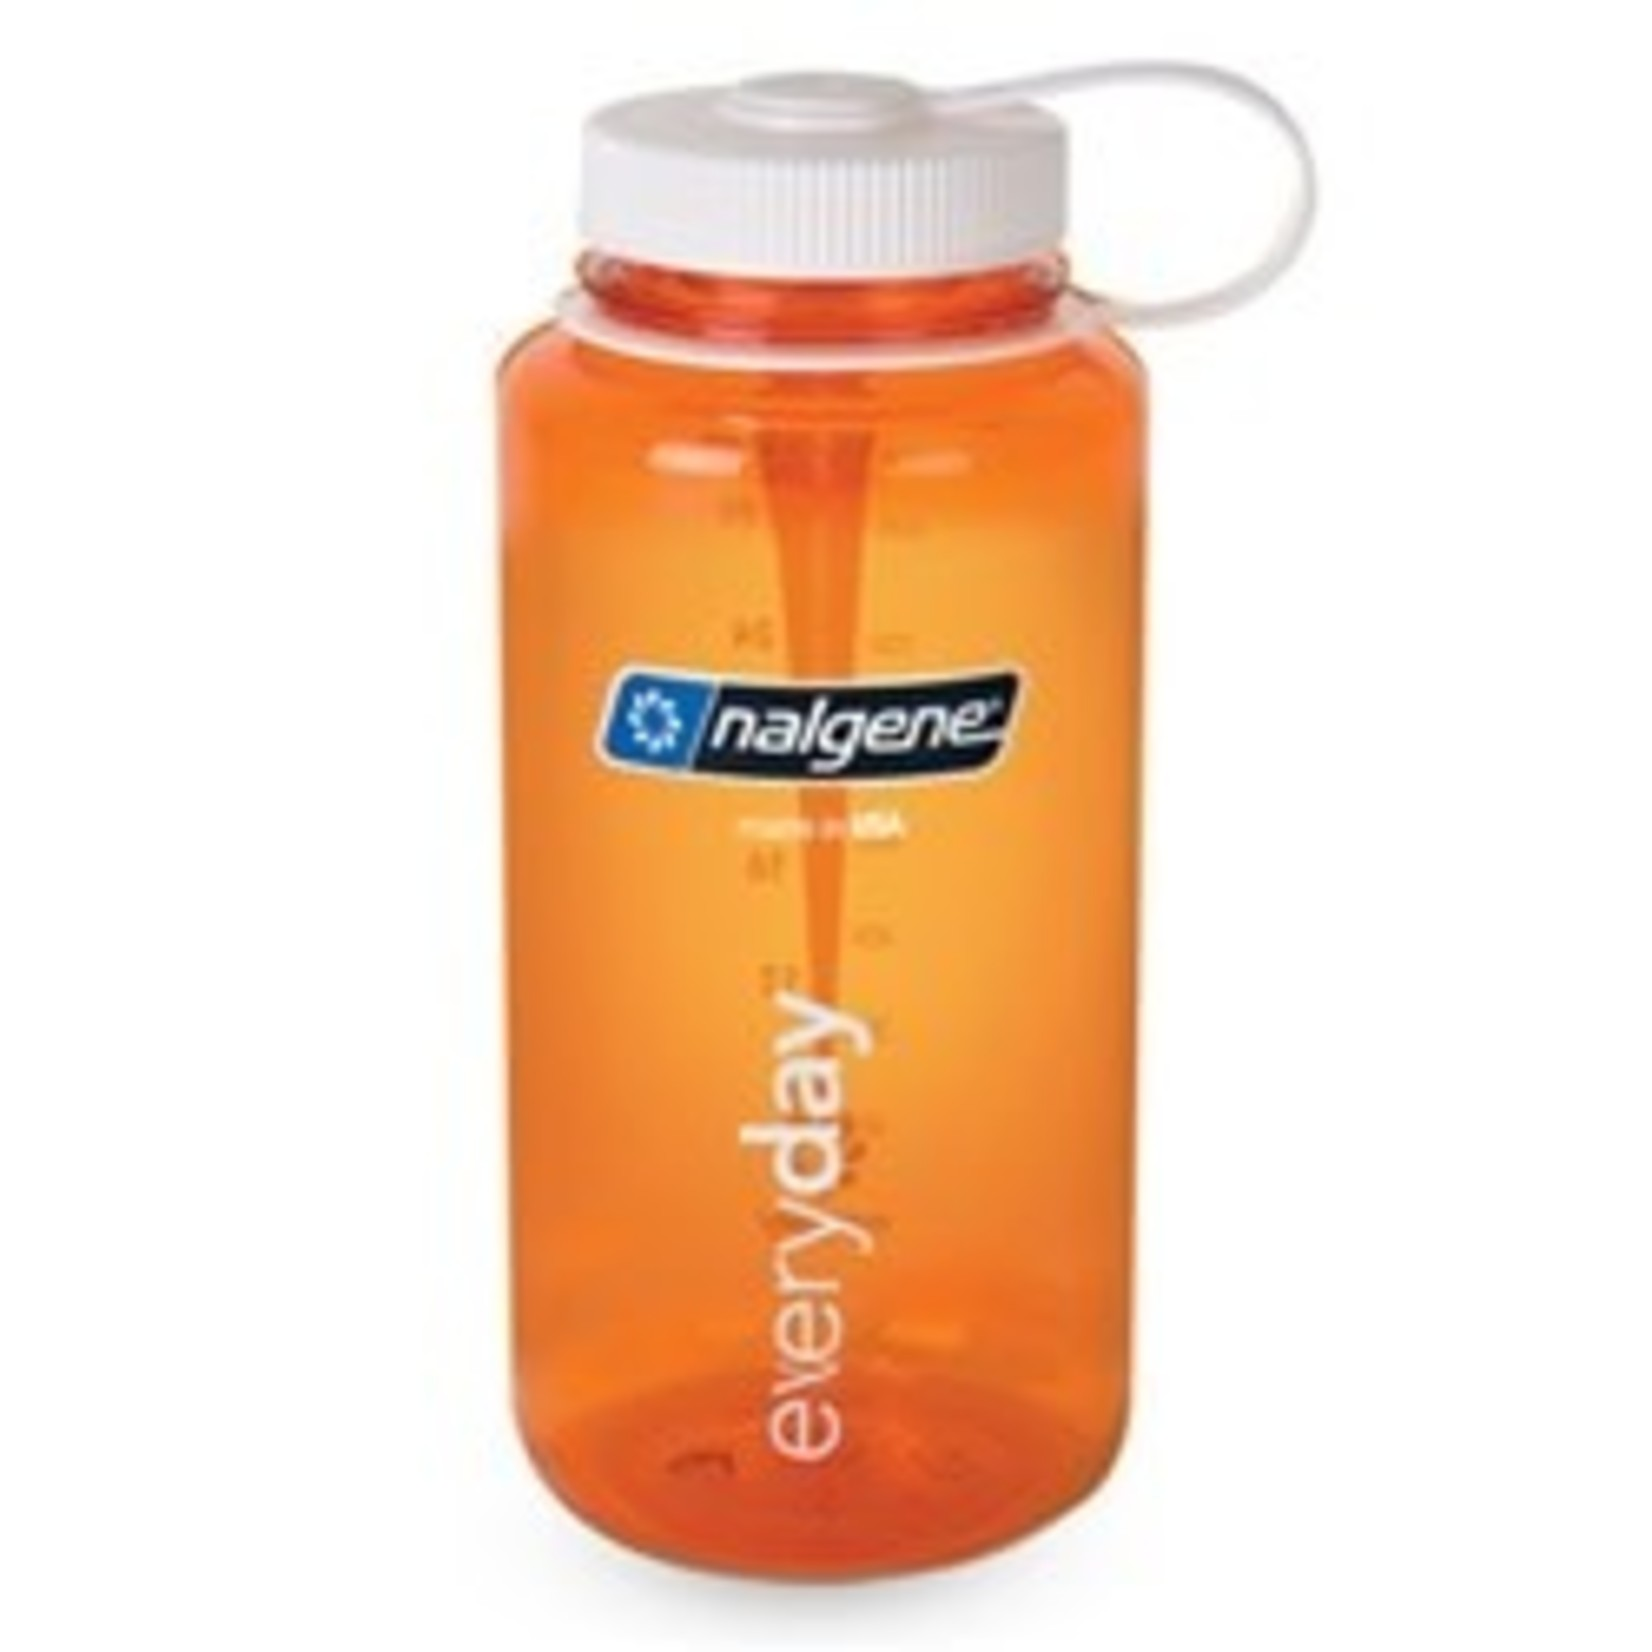 Nalgene Bottles - Wide Mouth